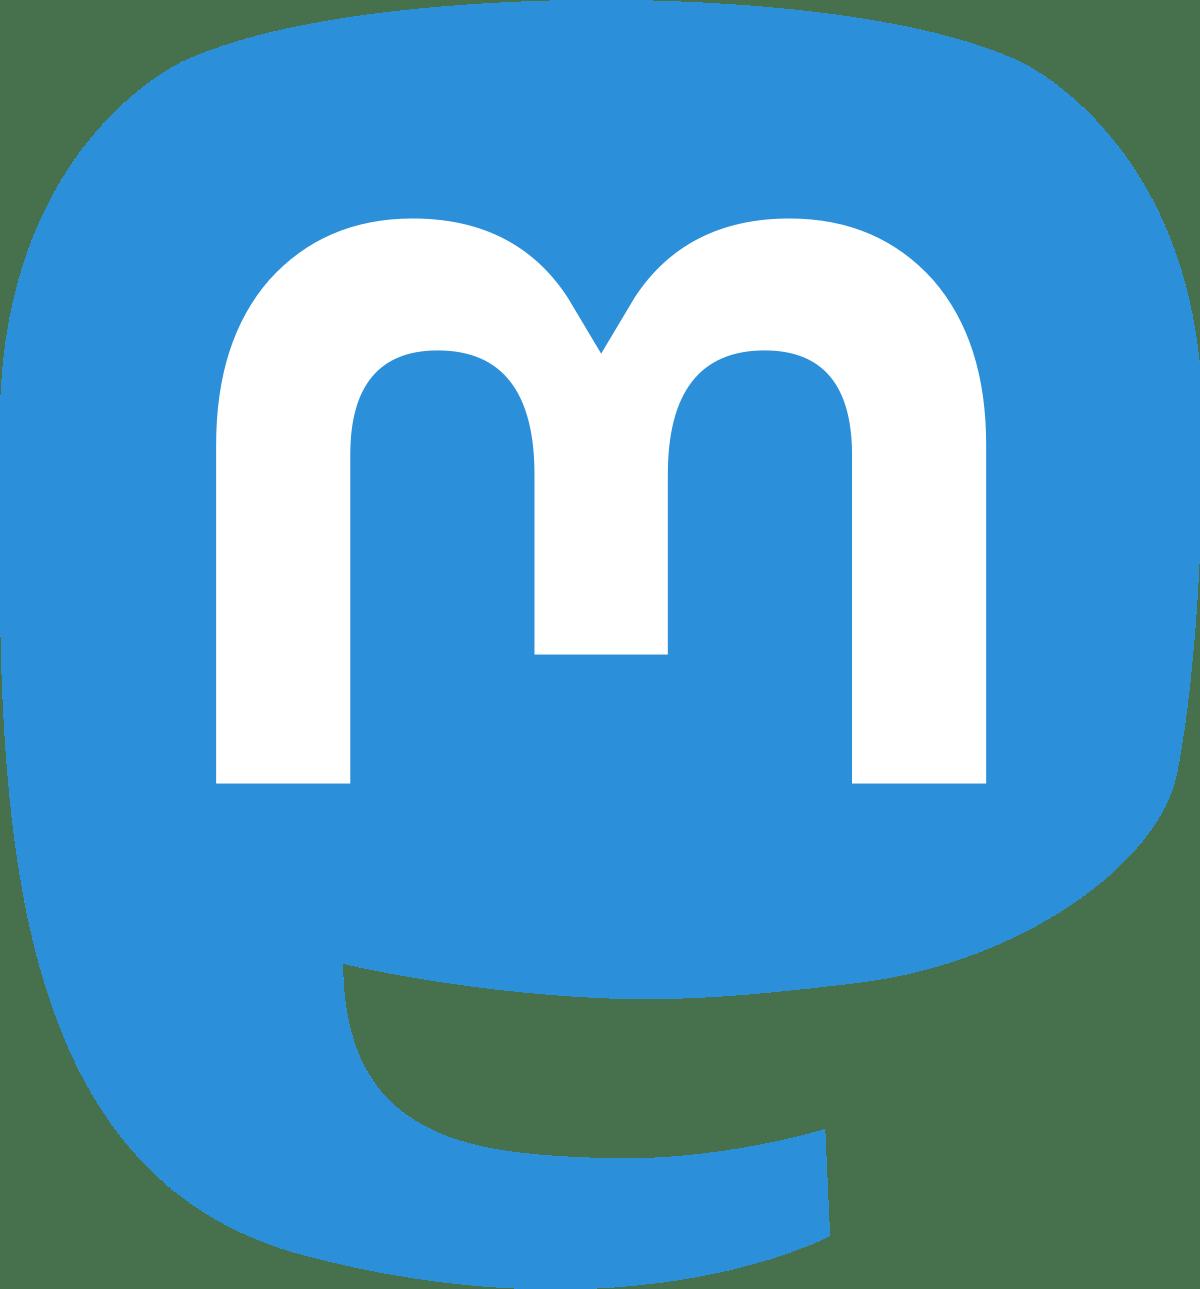 Logo di Mastodon